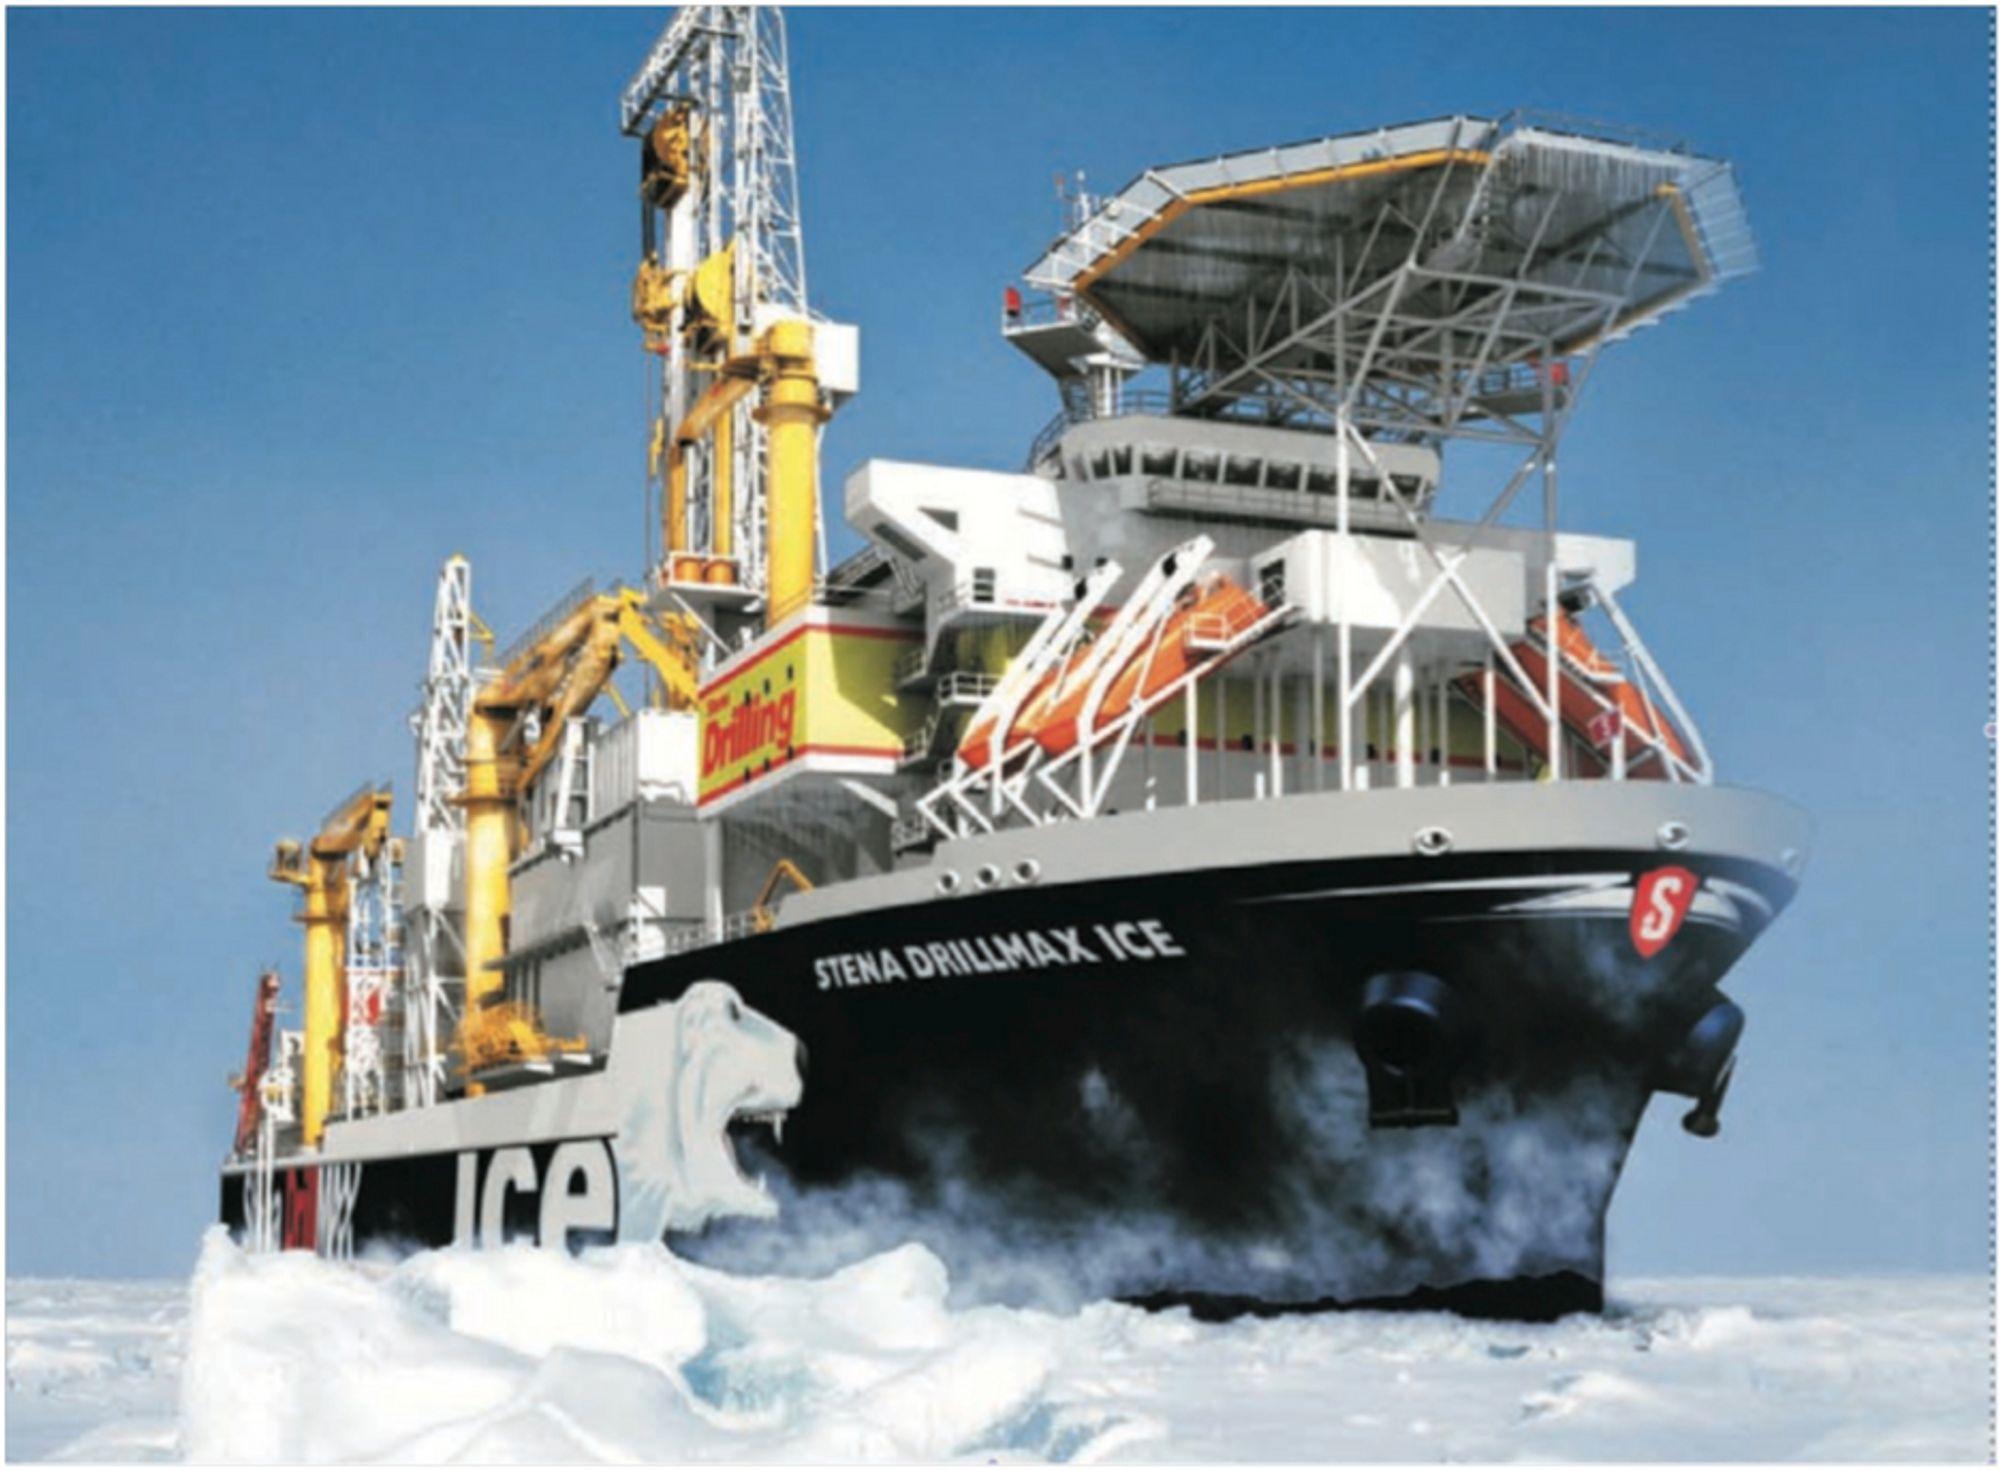 KALDT: Sikkerhetsutstyr og navigasjon skal tåle ned til -30 uten problemer. Livbåtene er testet ned i minus 36 grader.